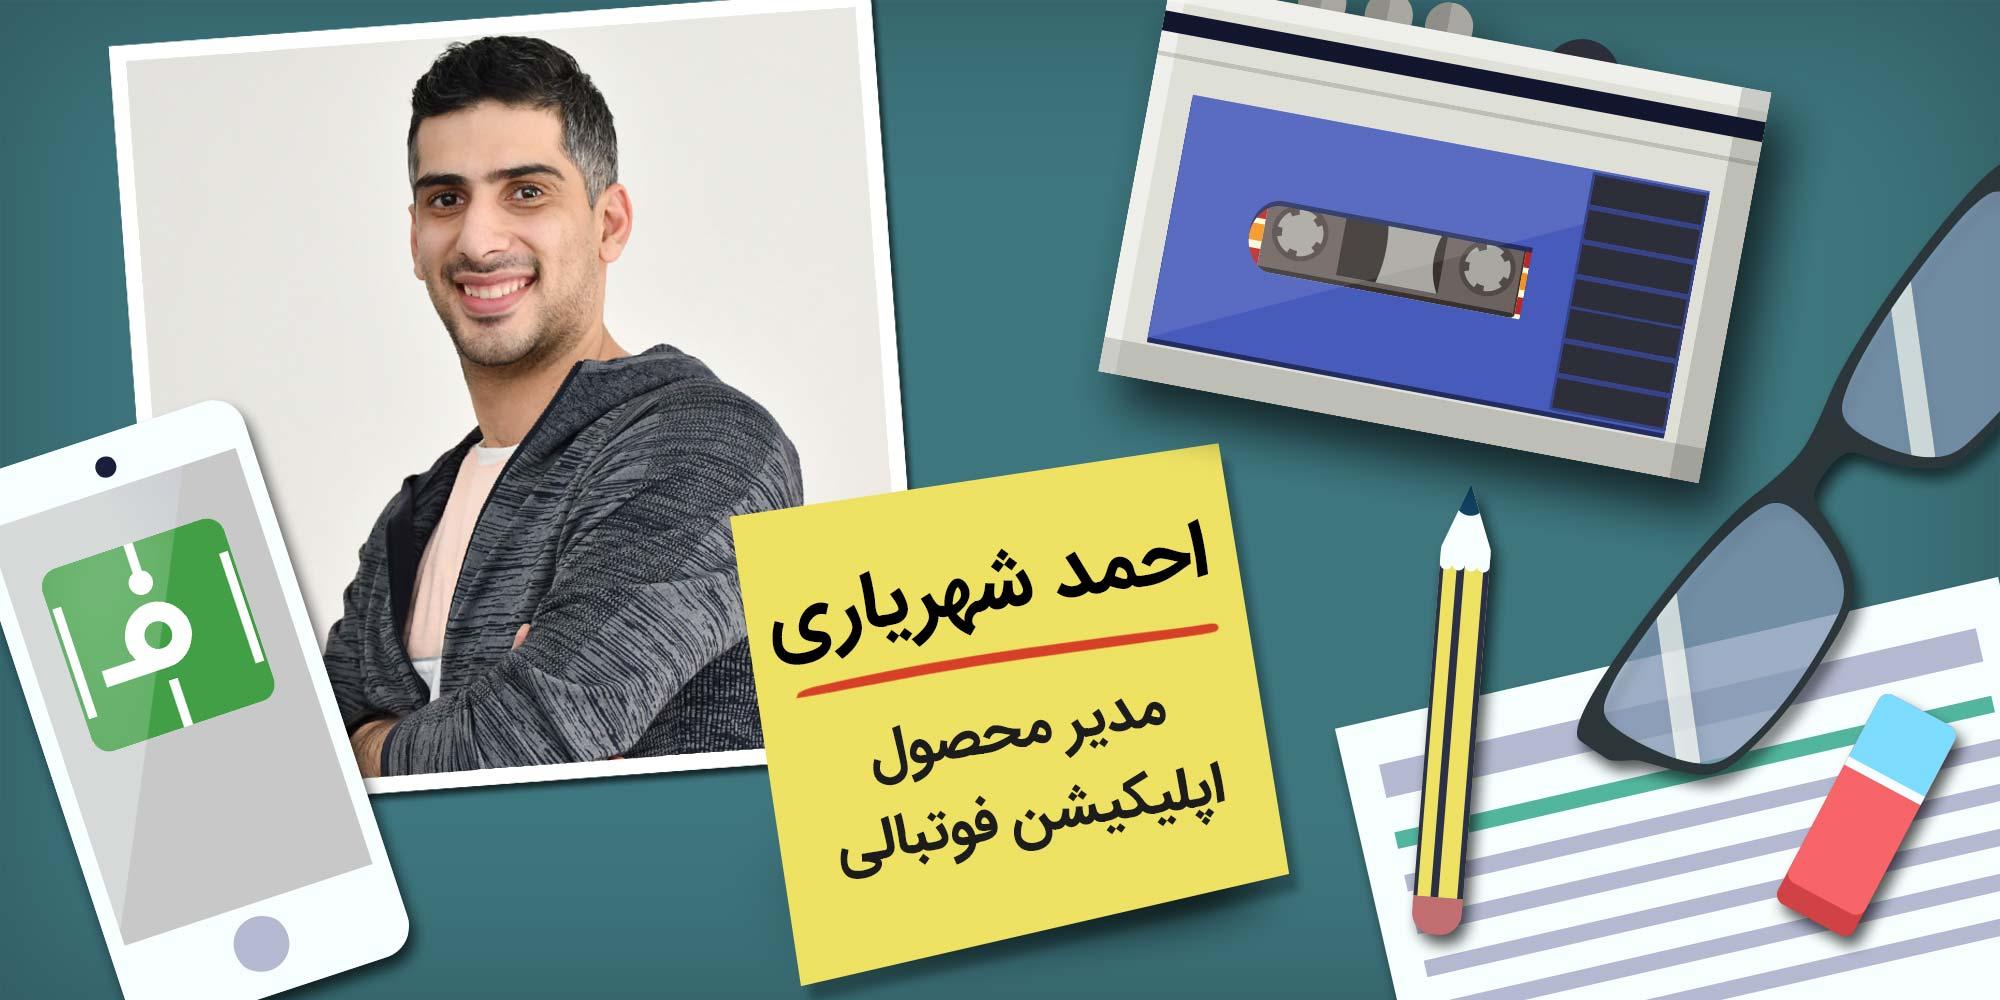 مصاحبه با احمد شهریاری، مدیر محصول اپلیکیشن فوتبالی